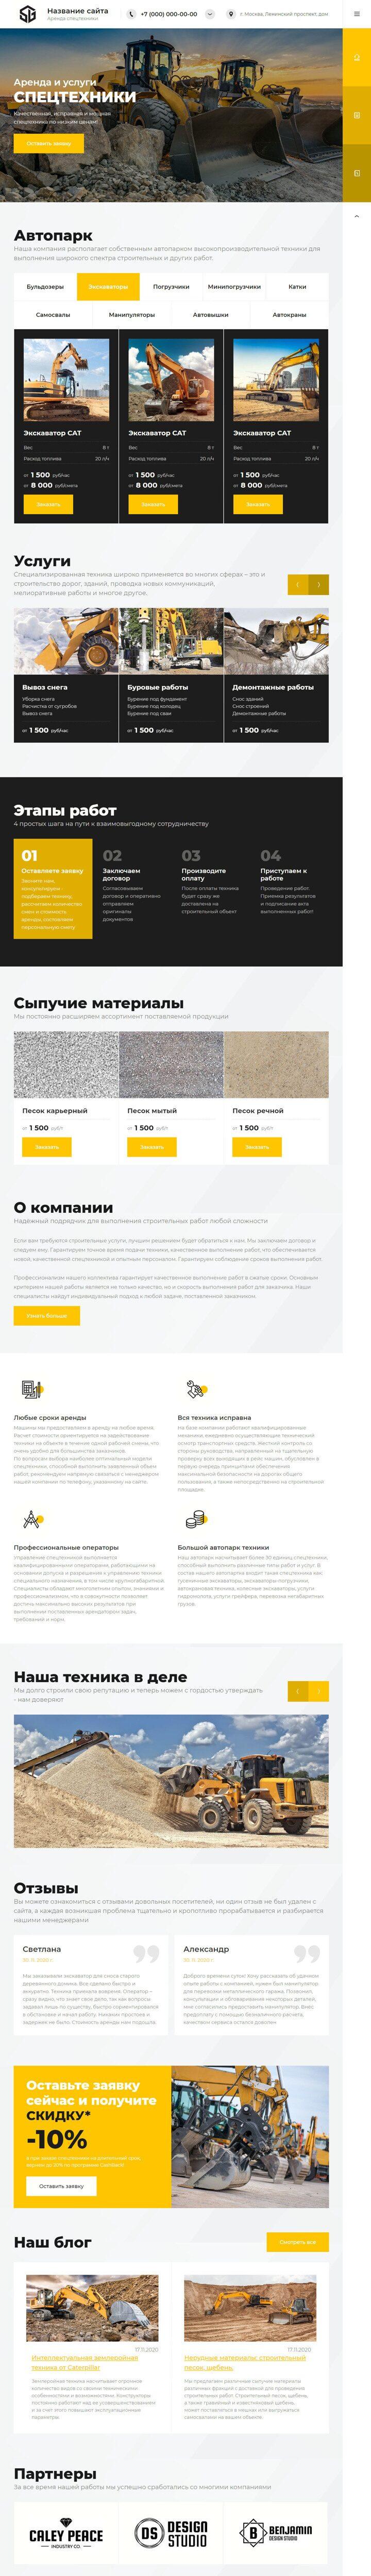 Готовый Сайт-Бизнес № 2884860 - Сайт аренды спецтехники, сыпучие материалы (Главная 1)